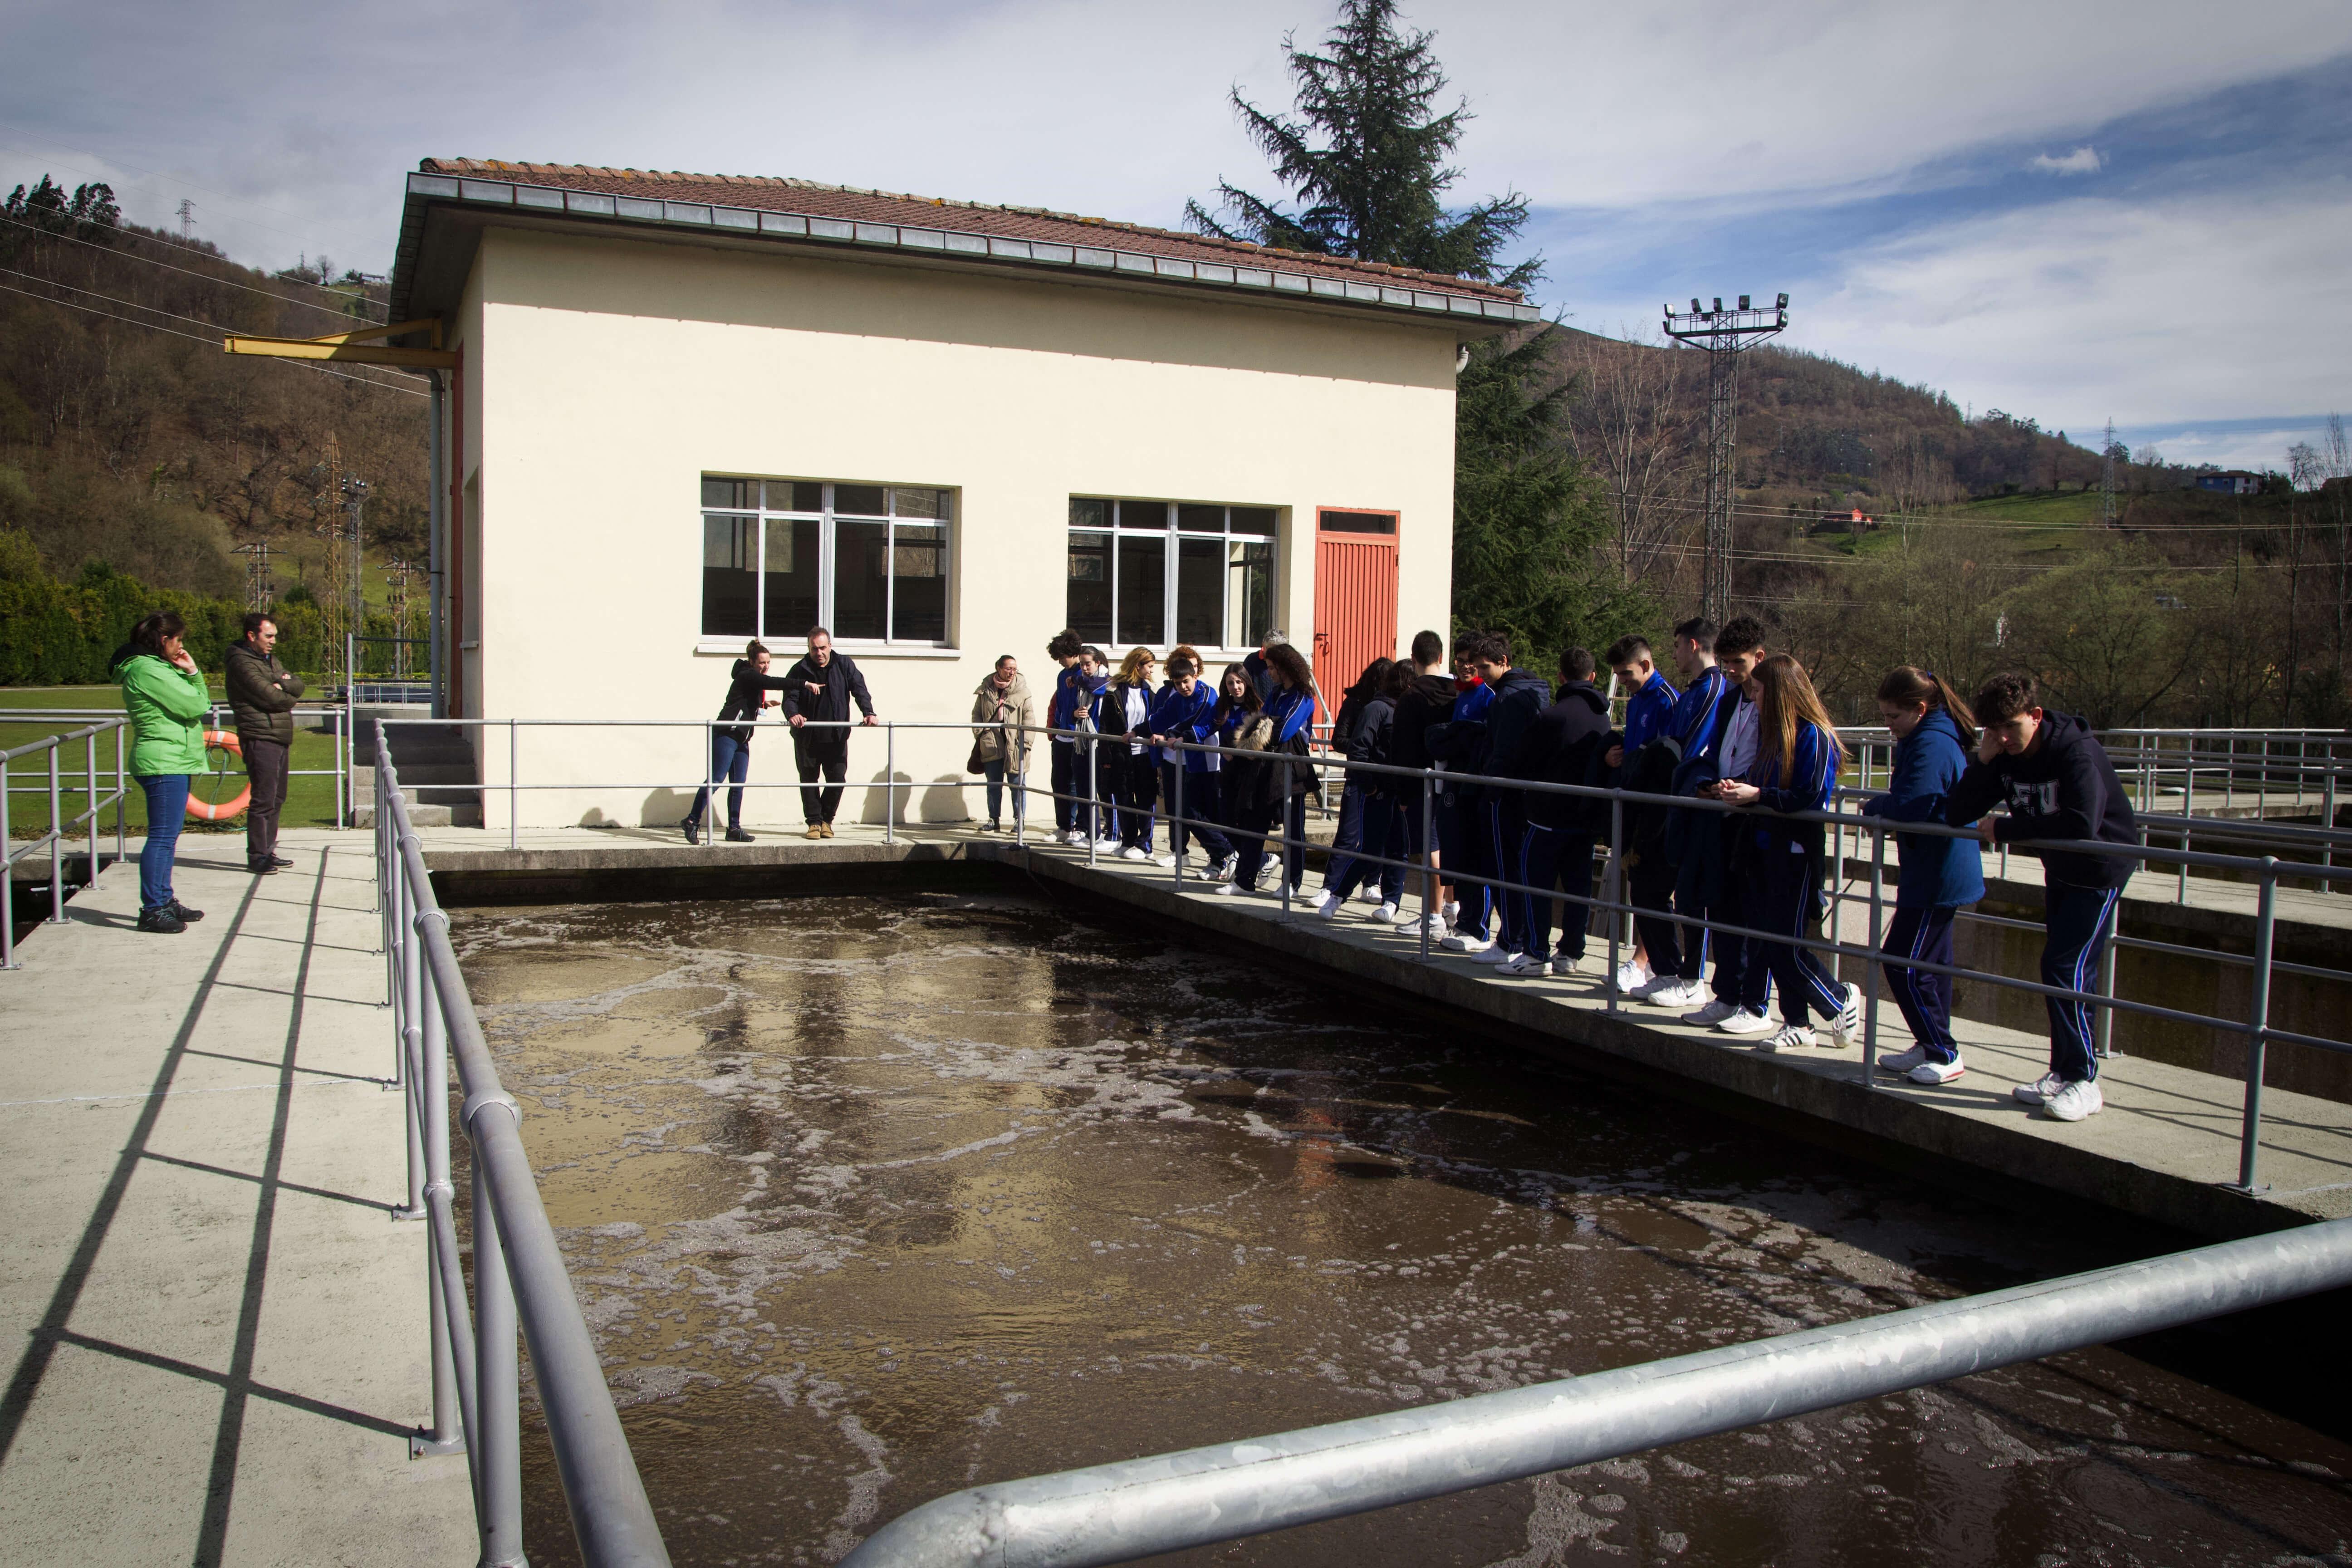 Visita Escolar Instalaciones Rioseco Y Baiña 03032020 73